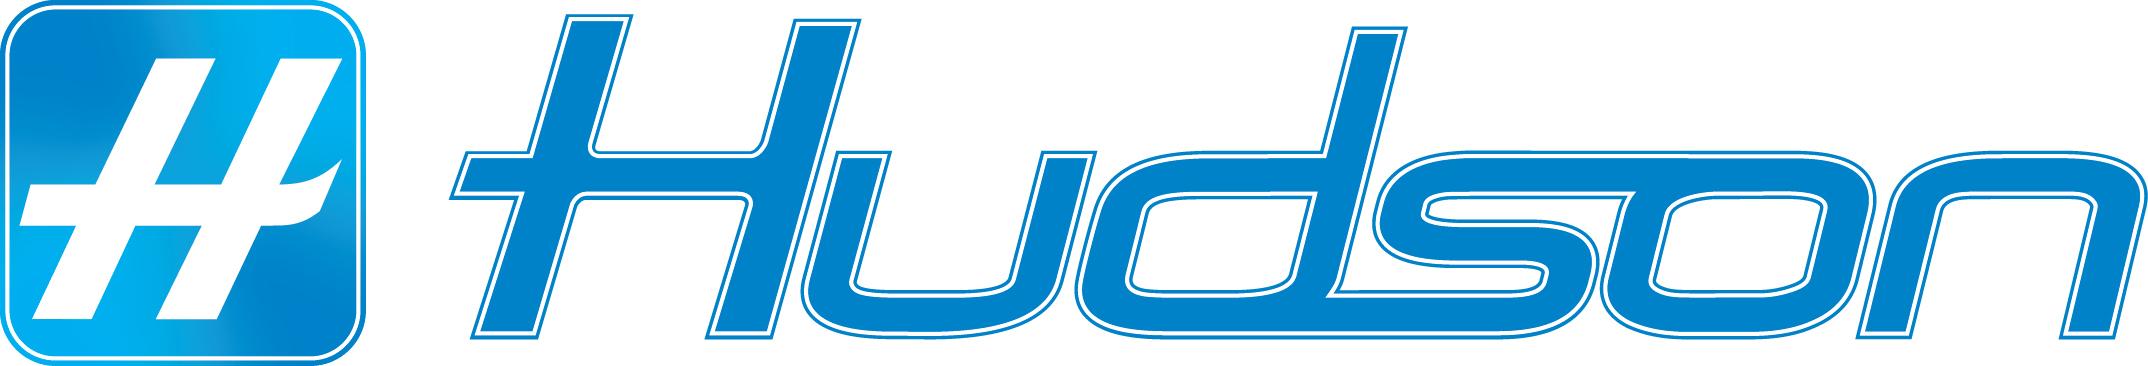 logotipo de hudson news